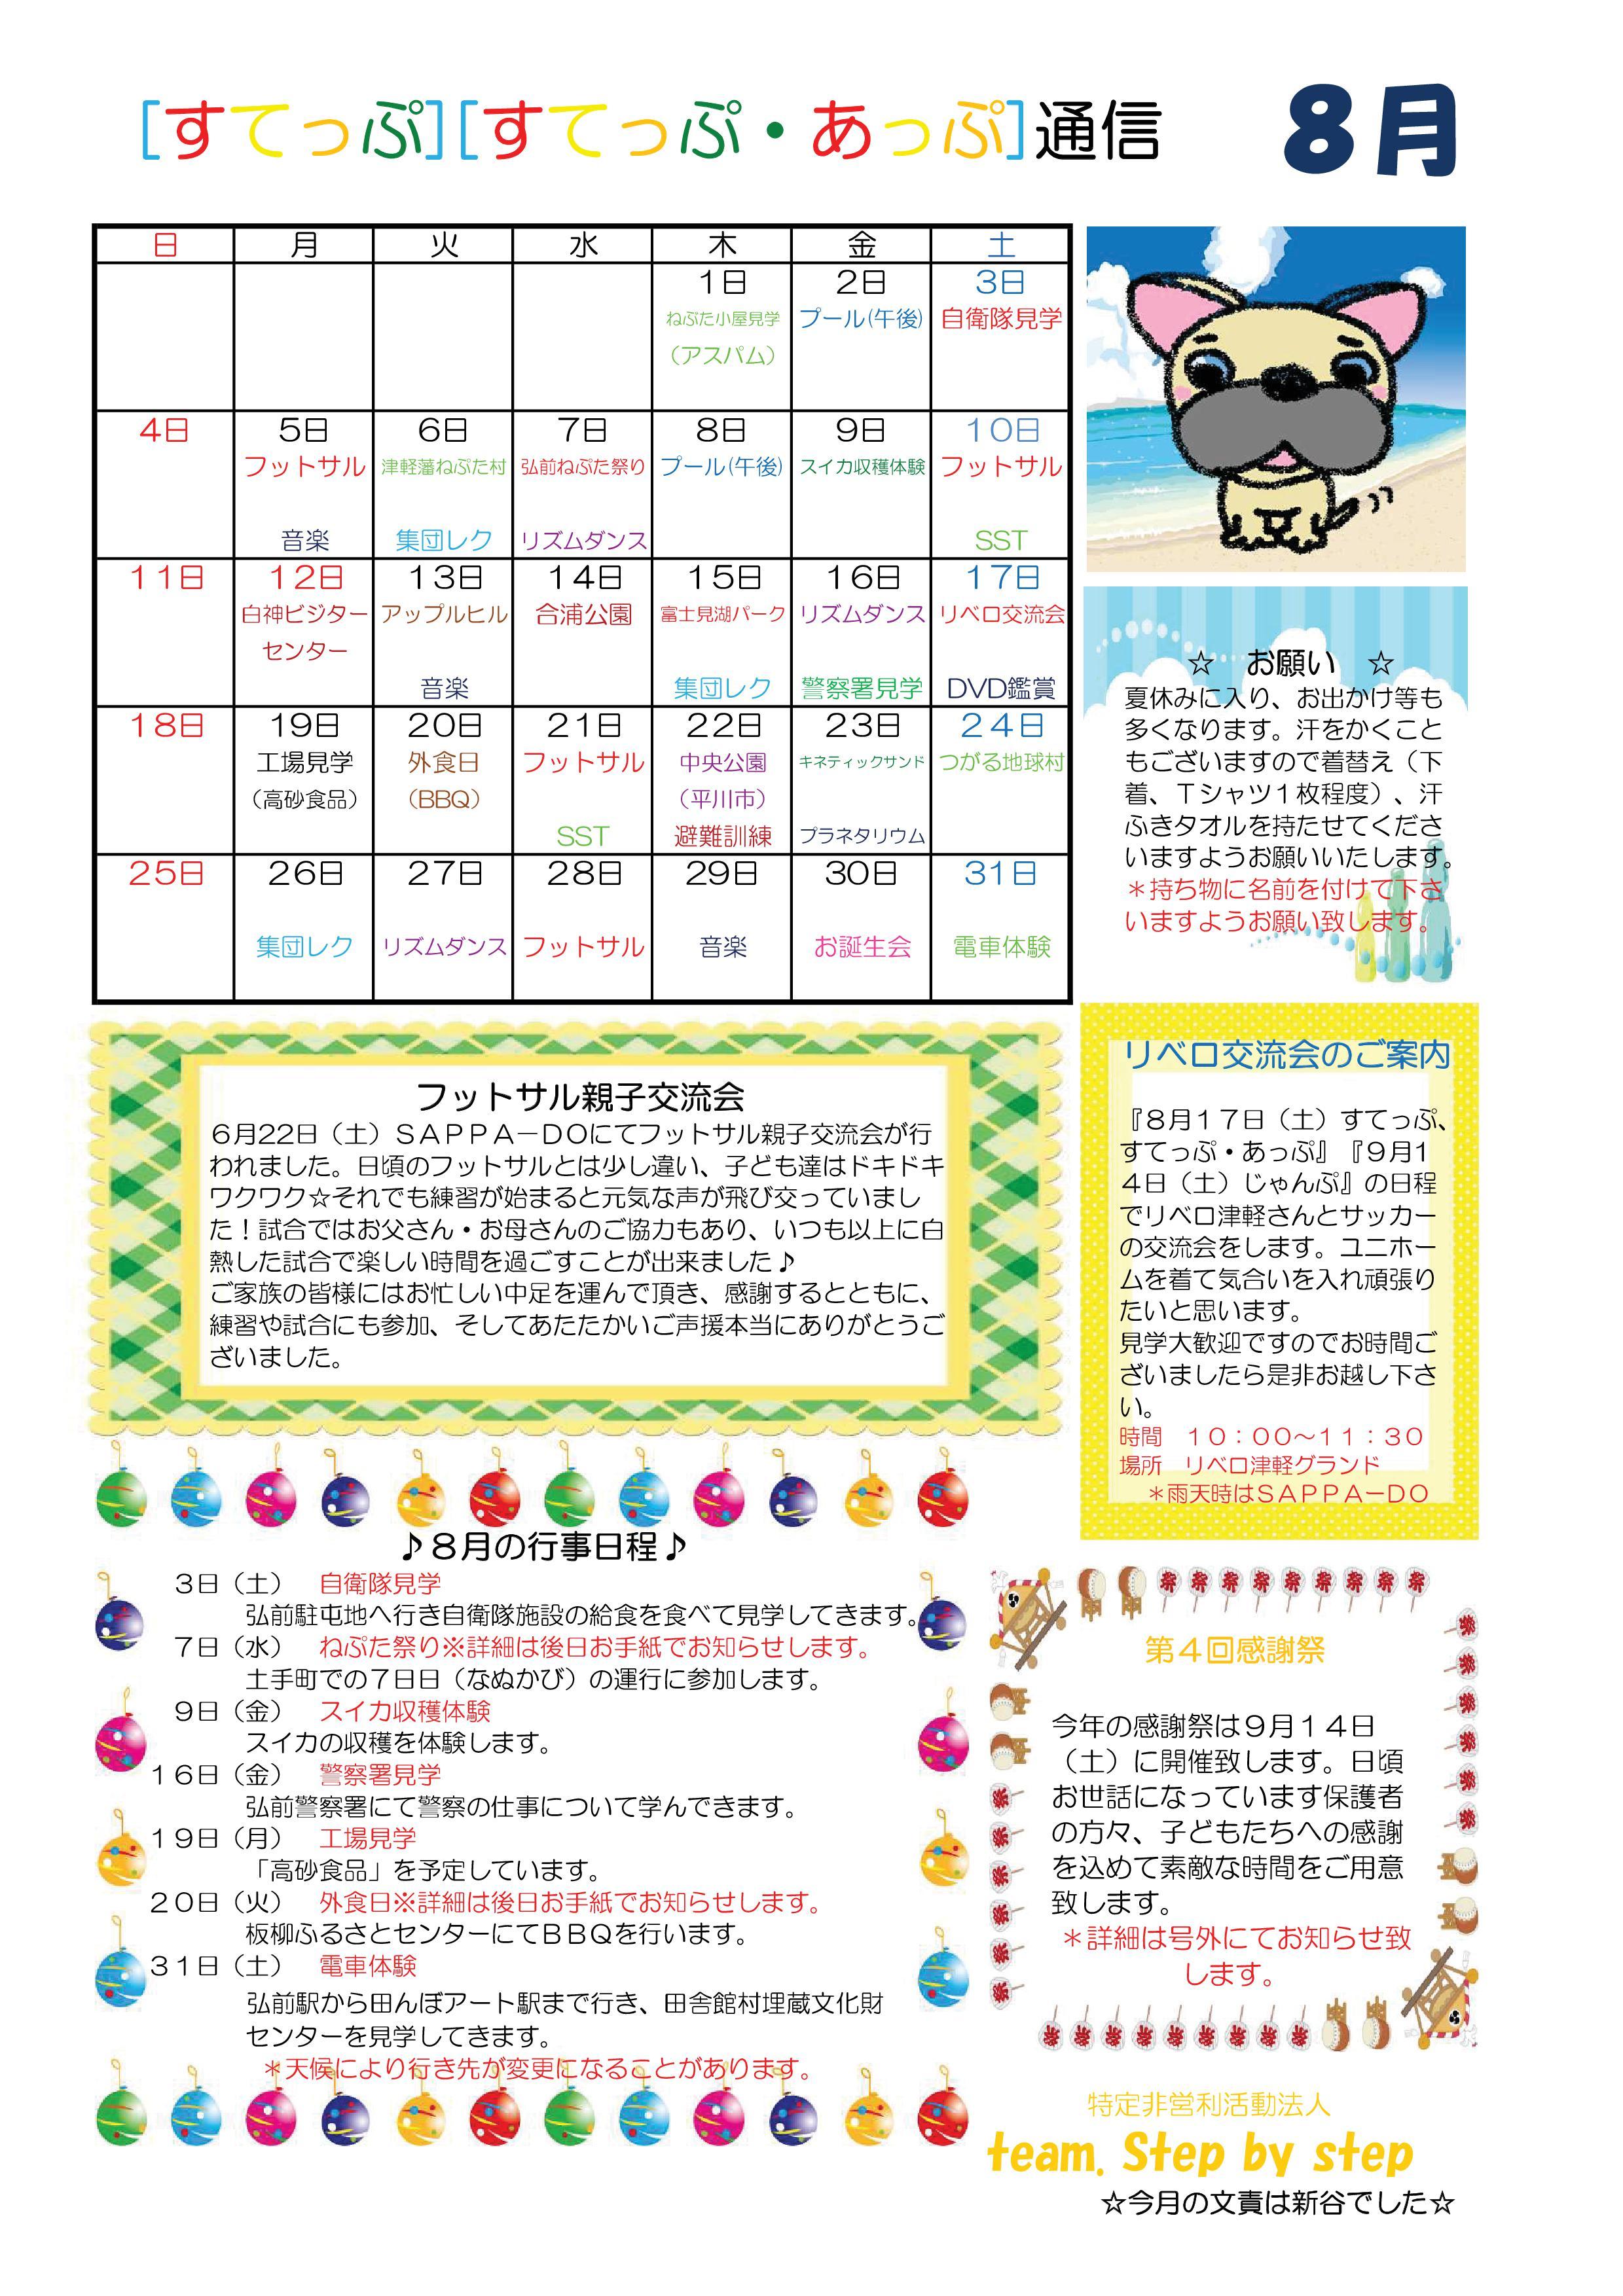 すてっぷ・すてっぷあっぷ通信8月号